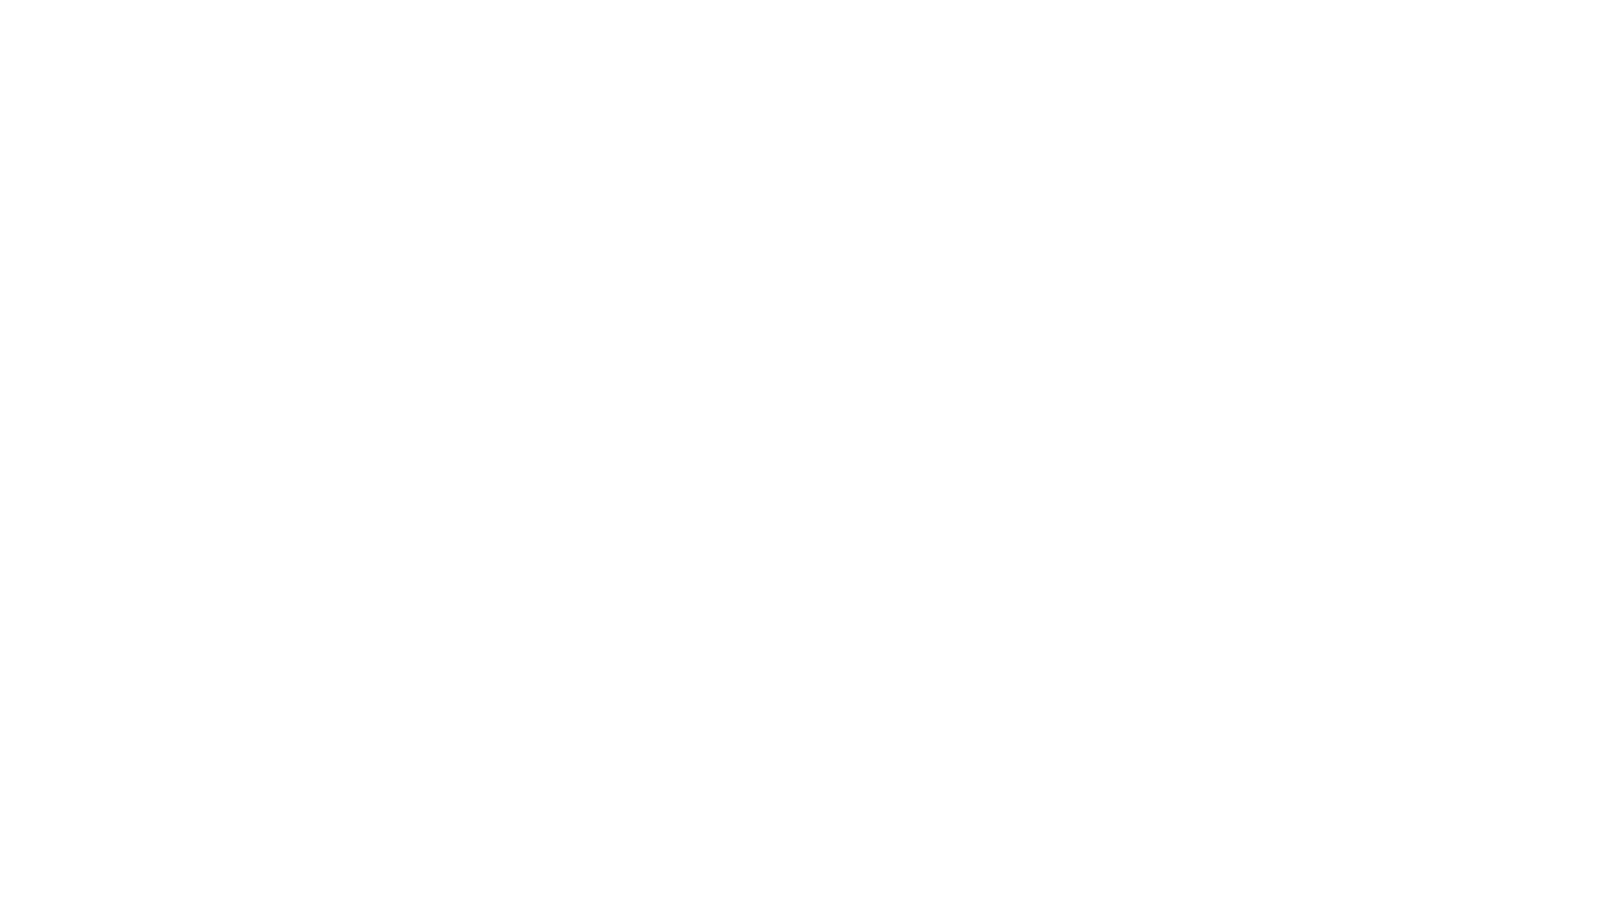 El cese natural por edad del cardenal Robert Sarah, en el cargo de Prefecto de la Congregación para el Culto Divino y la Disciplina de los Sacramentos, ha tenido un gran eco informativo en los medios, incluyendo los laicistas. Esta circunstancia a nadie puede extrañar puesto que el purpurado guineano ocupa el inquietante rol de «máximo crítico» del actual Papa, junto con el cardenal norteamericano Burke y el alemán Müller, los cuales conformarían un supuesto triunvirato conspiratorio «ultraconservador». Francisco, en pura teoría, hubiera podido no haber aceptado dicha renuncia, pero el cese de Sarah, en uno de los principales cargos humanos en la Iglesia de Cristo, es ya un hecho consumado. Nunca existe una información clara periodística sobre las disputas internas vaticanas, aunque es evidente que no solo habita el Espíritu Santo sobre la roca de Pedro.